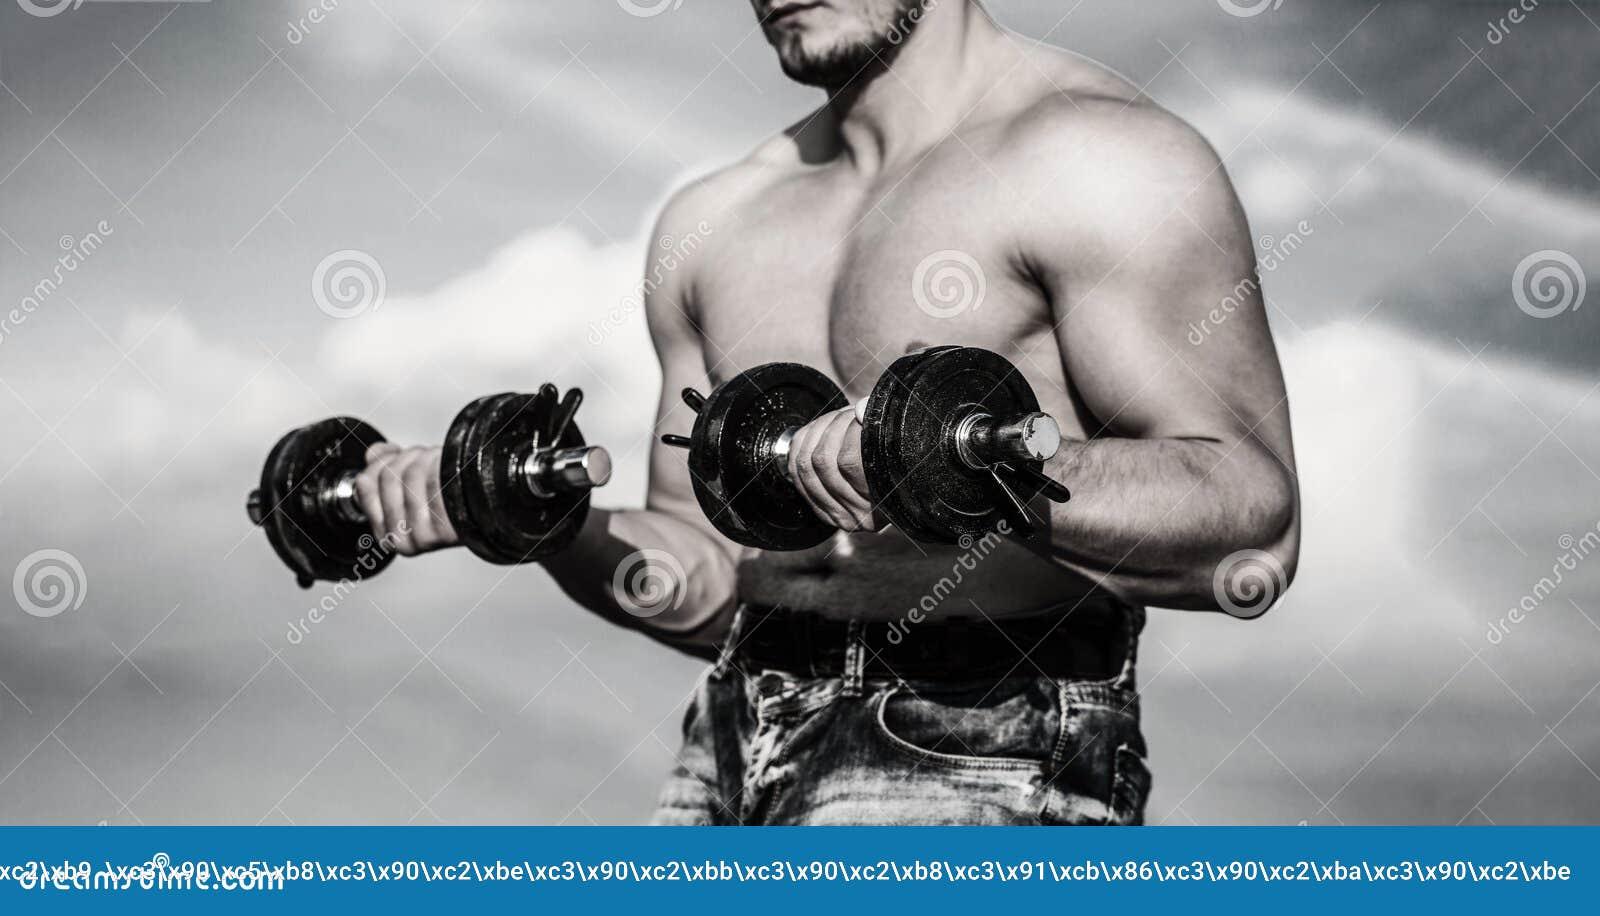 гантель Сильный культурист, идеальные дельтовидных мышцы мышц, плеч, бицепса, трицепса и комода с гантелью человек